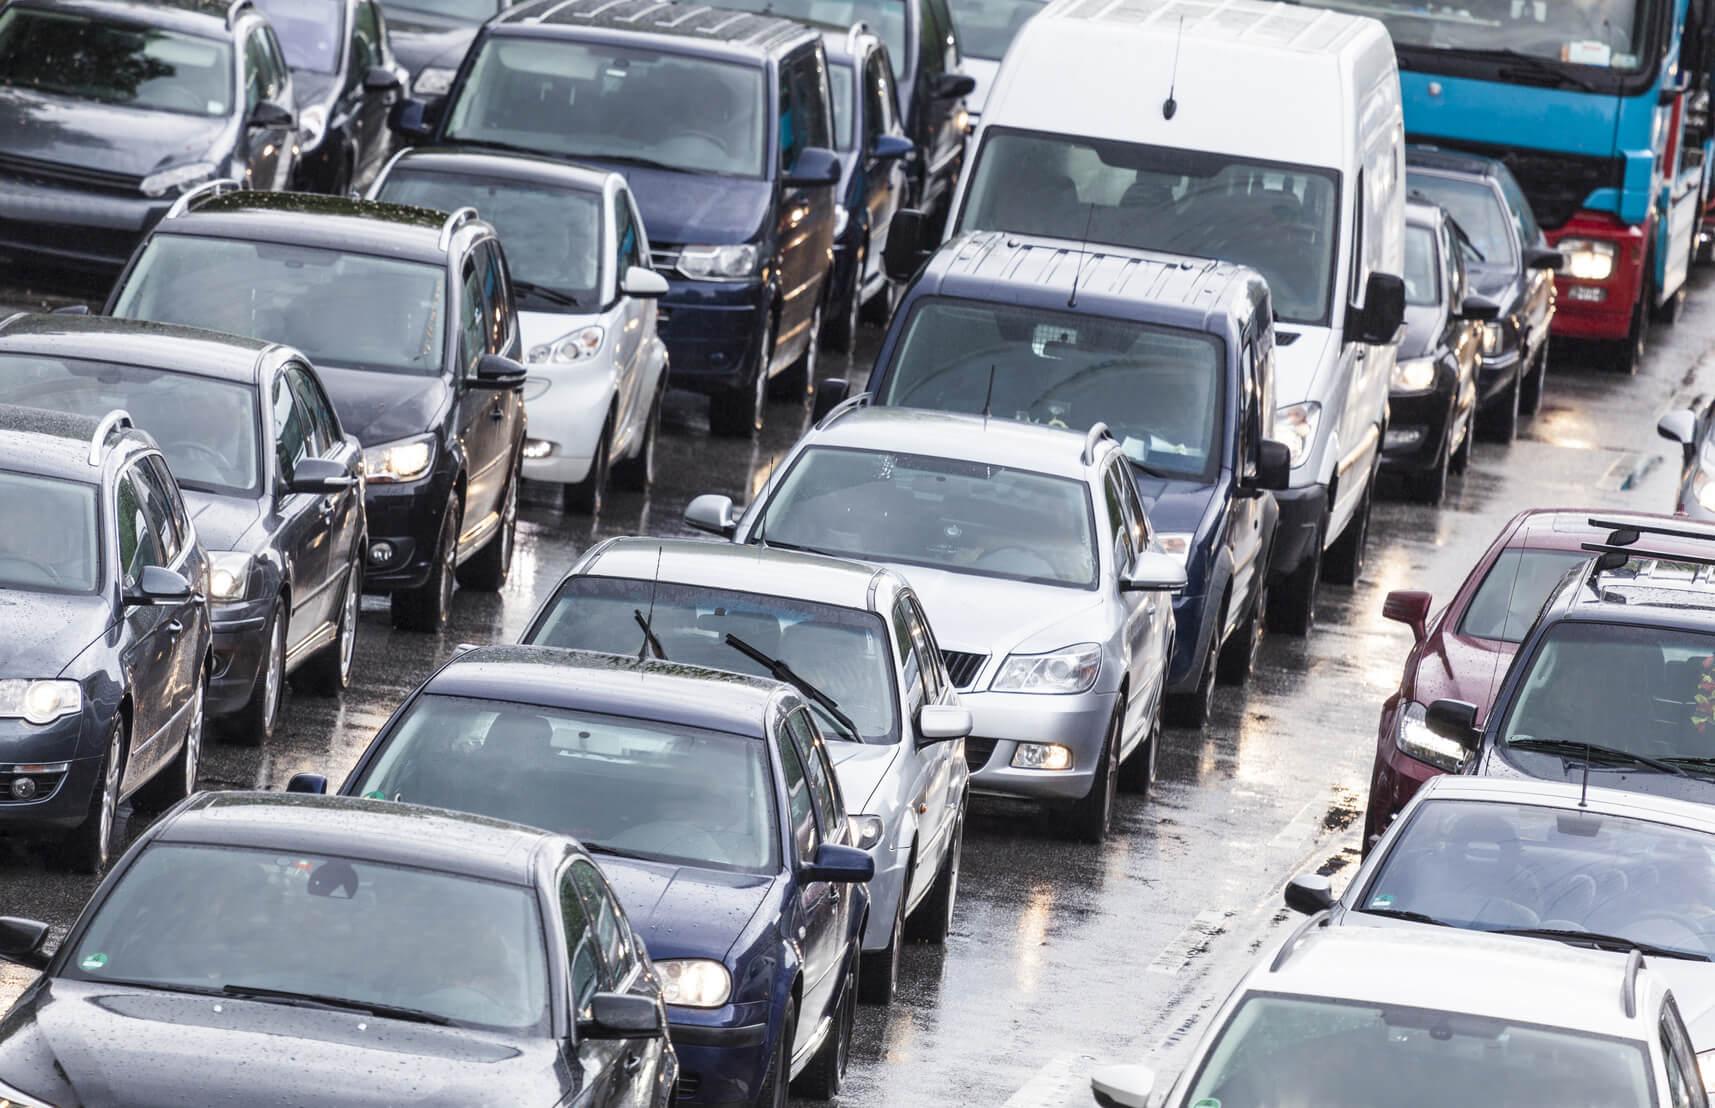 Voitures embouteillage